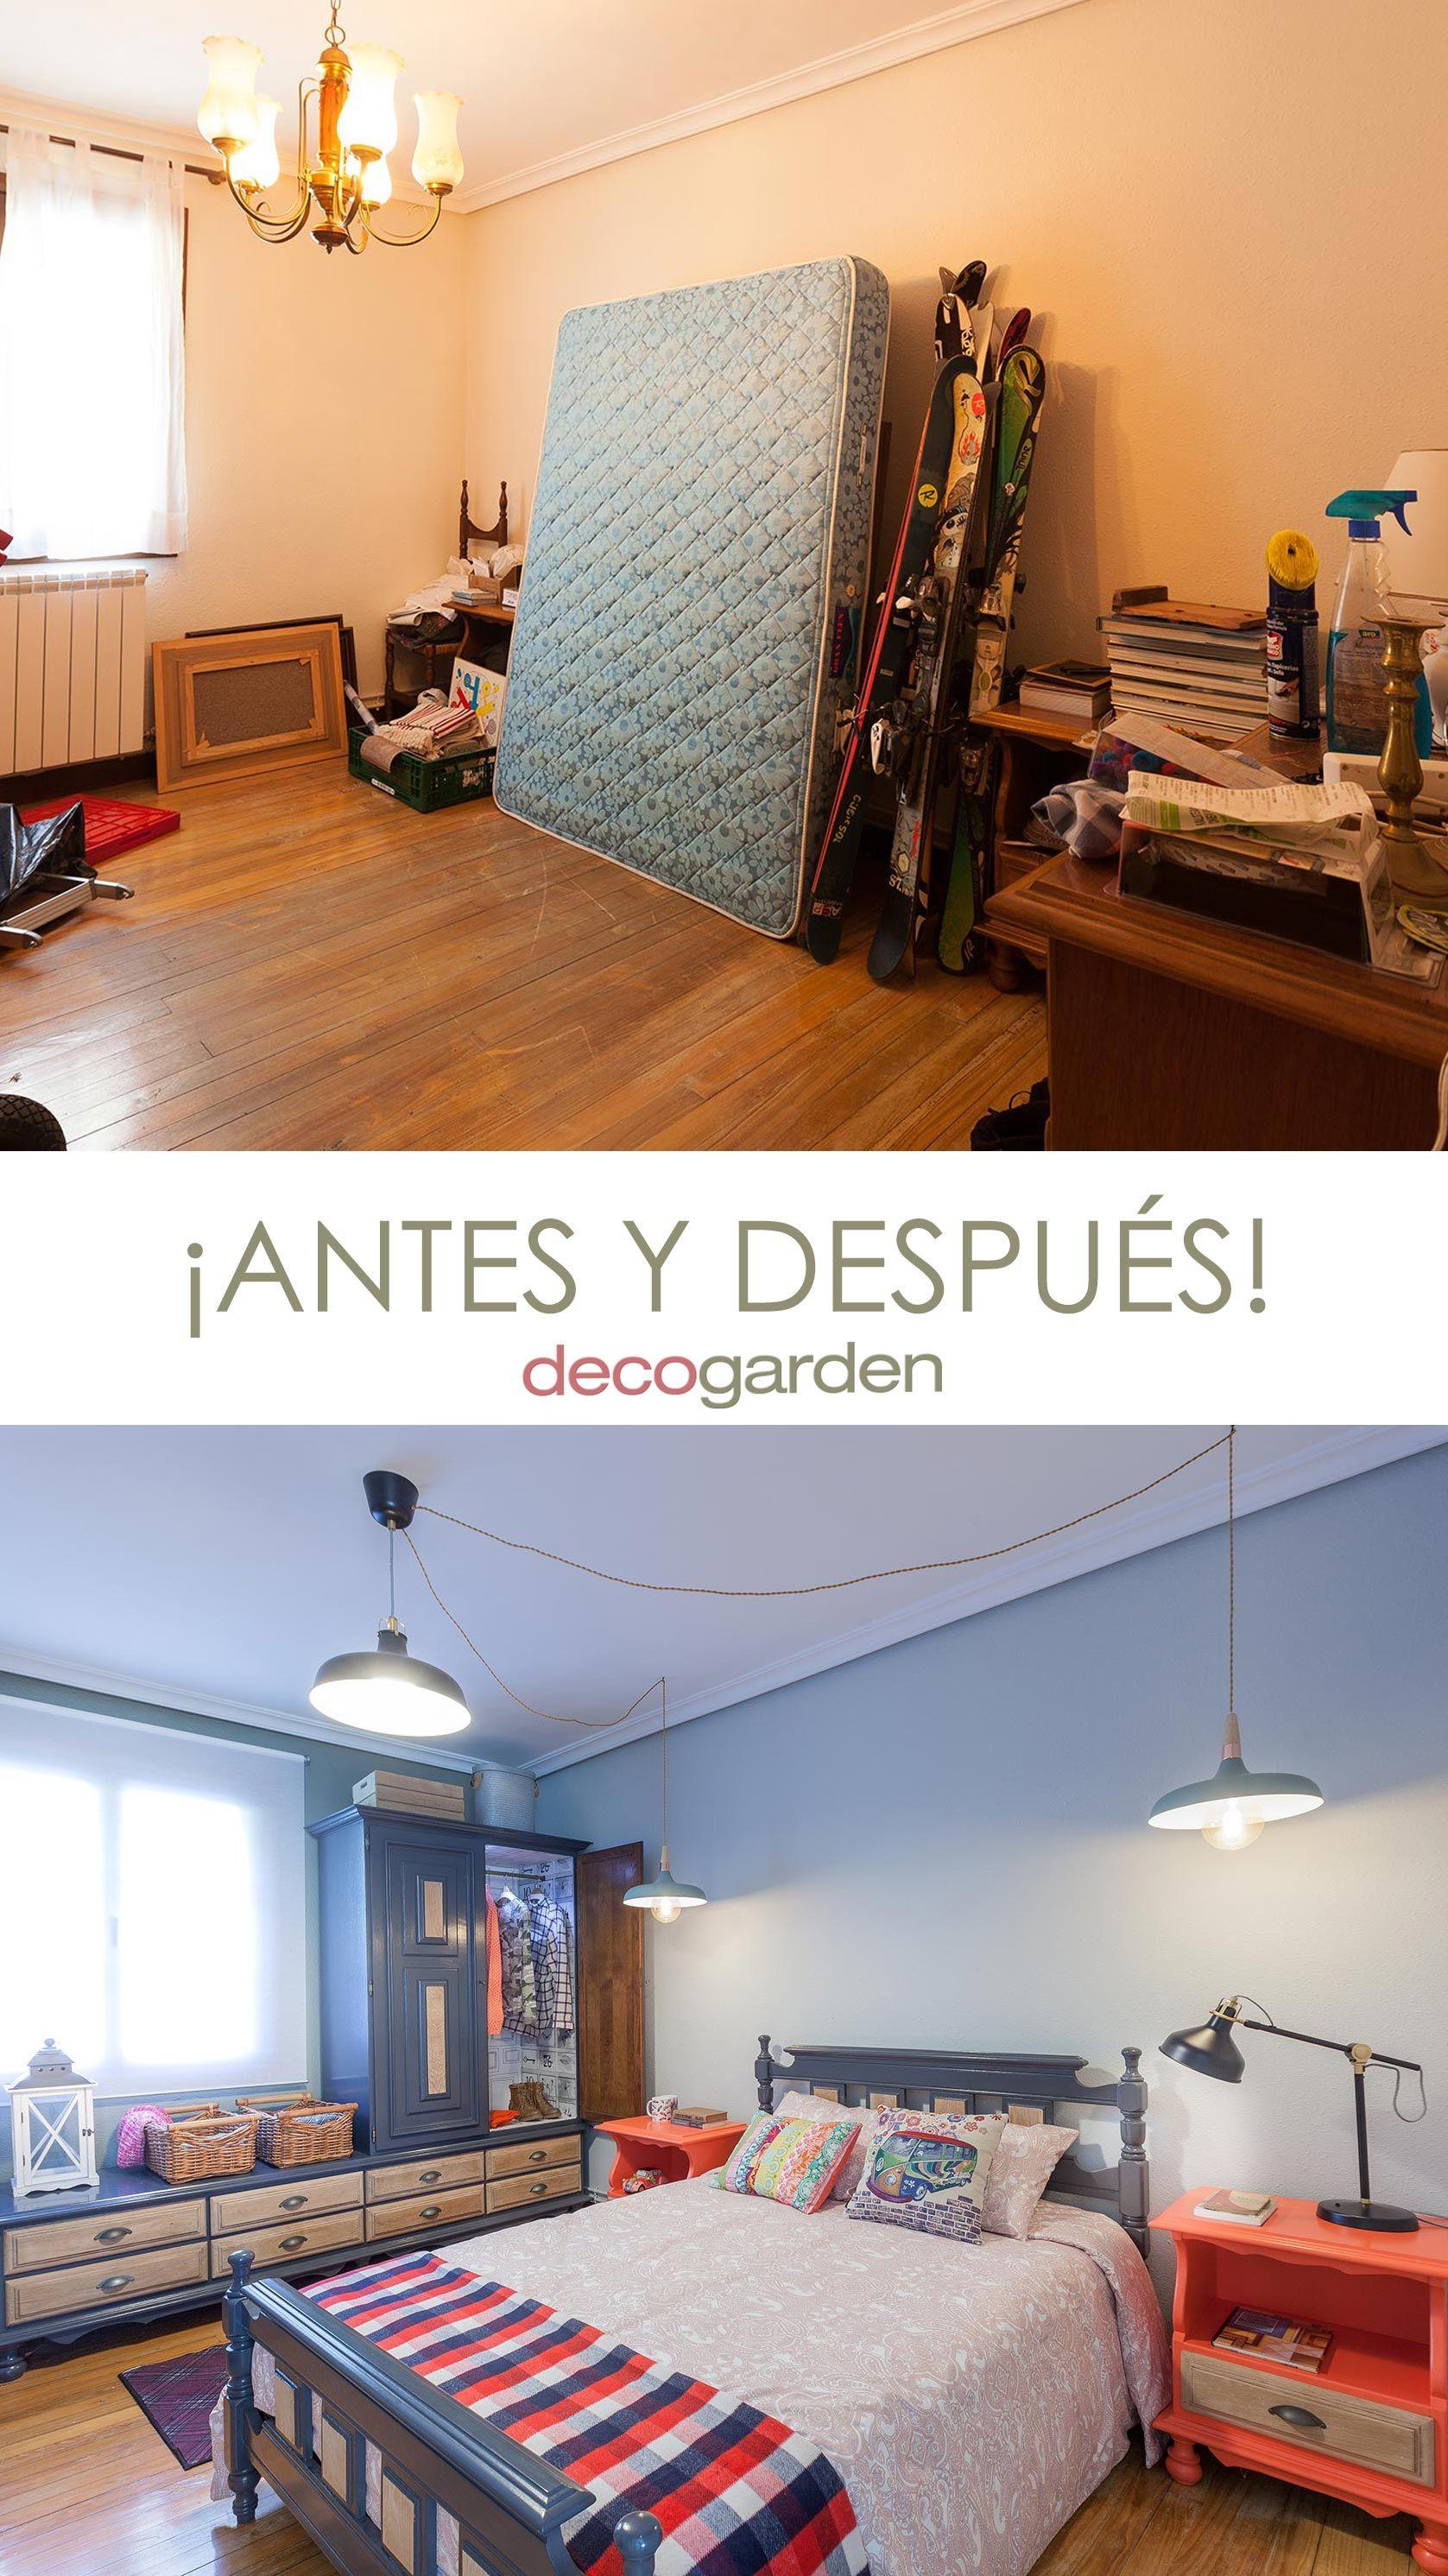 Décorer la chambre des jeunes industriels avec des meubles recyclés - avant et après